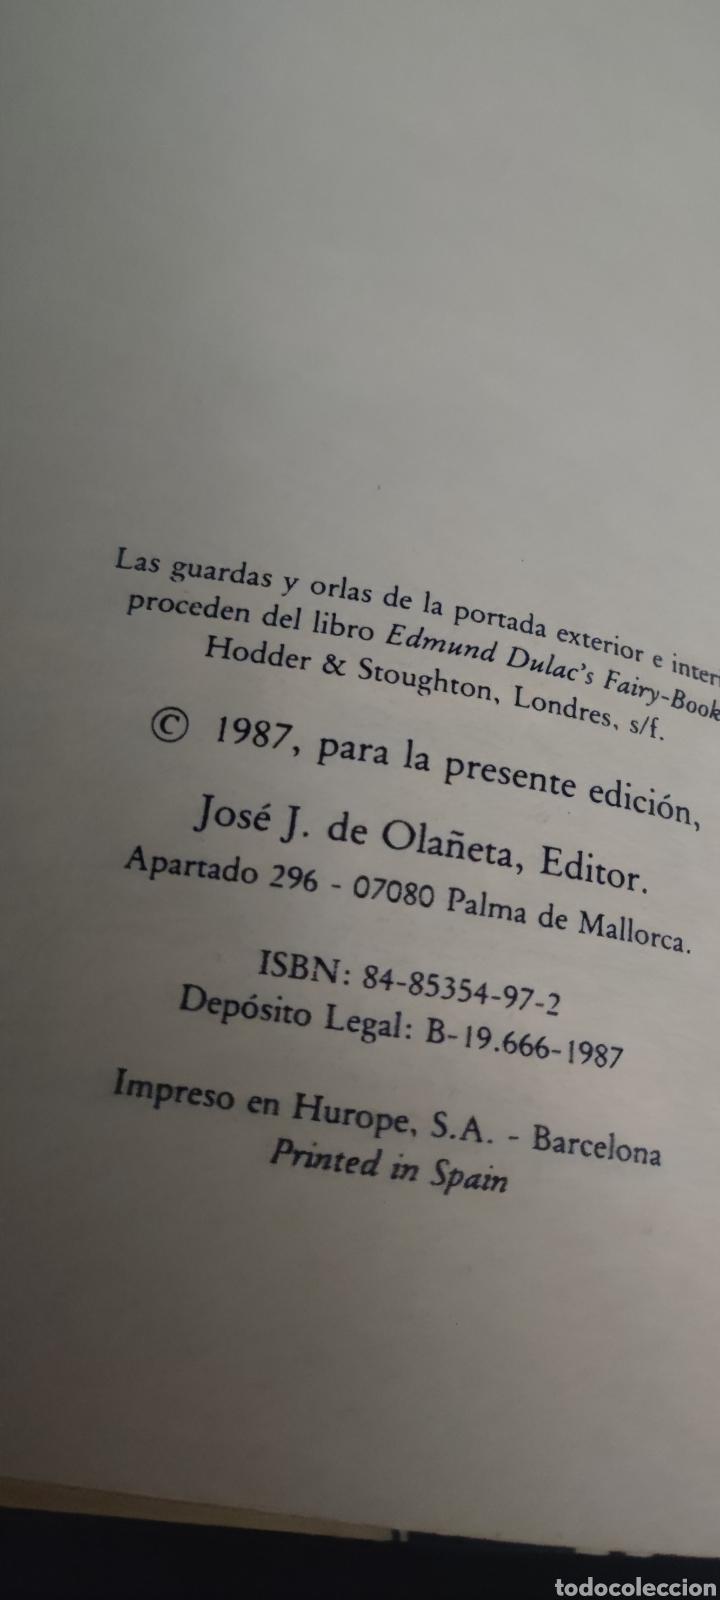 Relatos y Cuentos: EL LIBRO MAGICO DE EDMUND DULAC - Foto 2 - 277288548